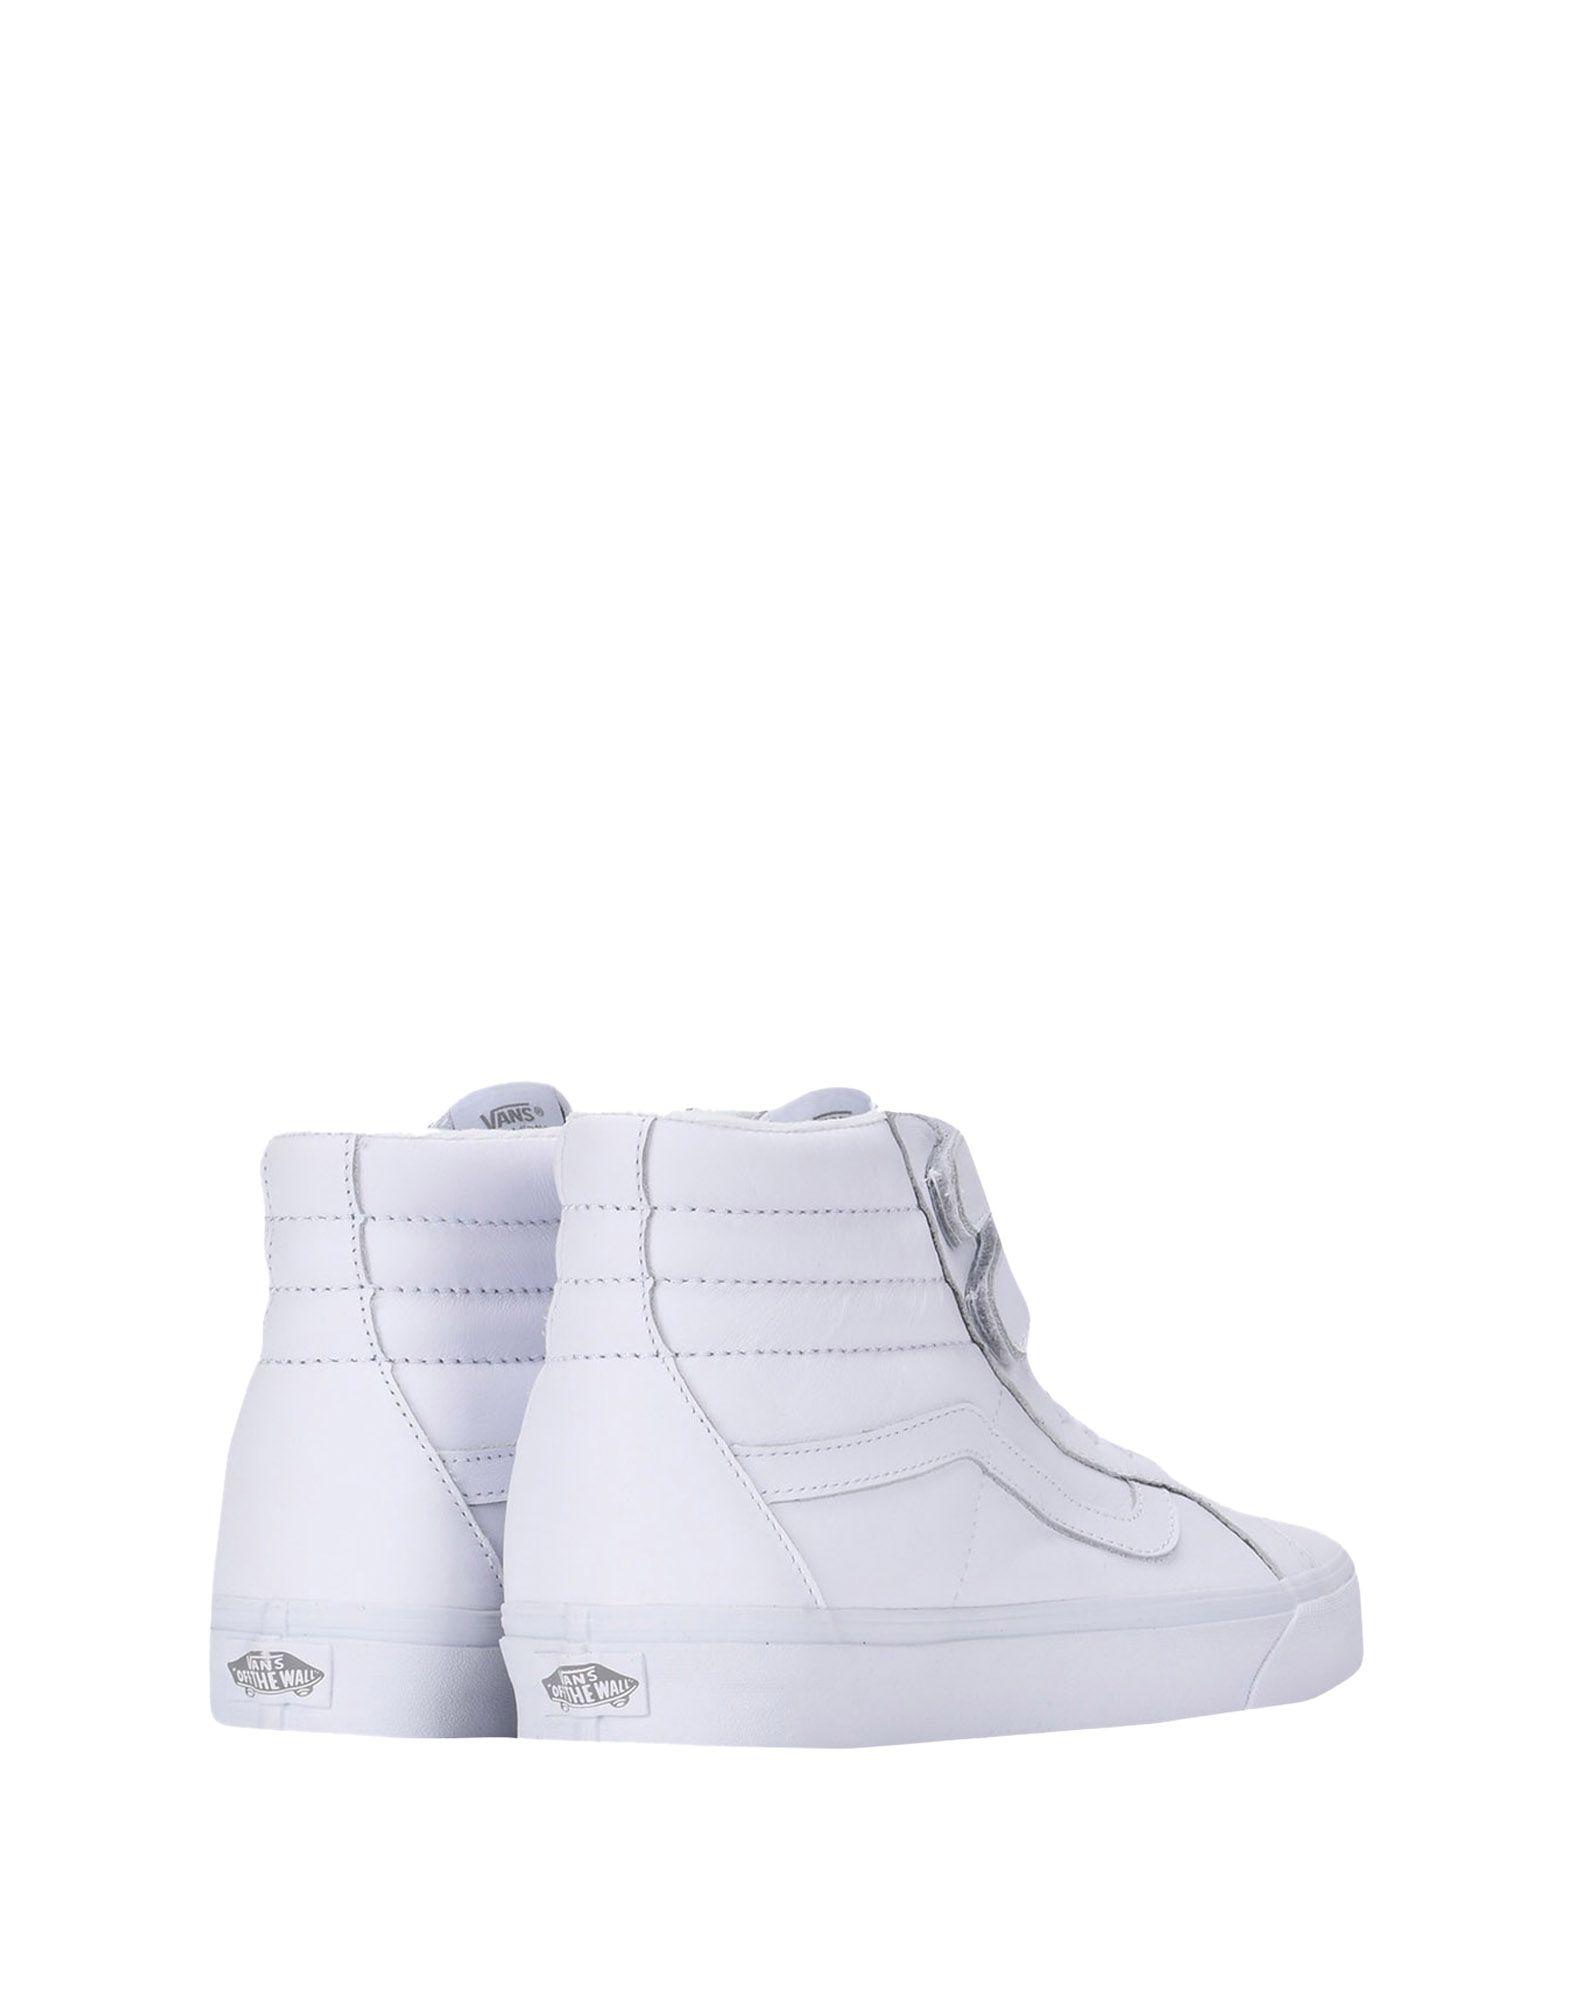 Vans Ua Sk8-Hi Reissue Reissue Reissue V - Sneakers - Men Vans Sneakers online on  Australia - 11338573VK 5cffdf